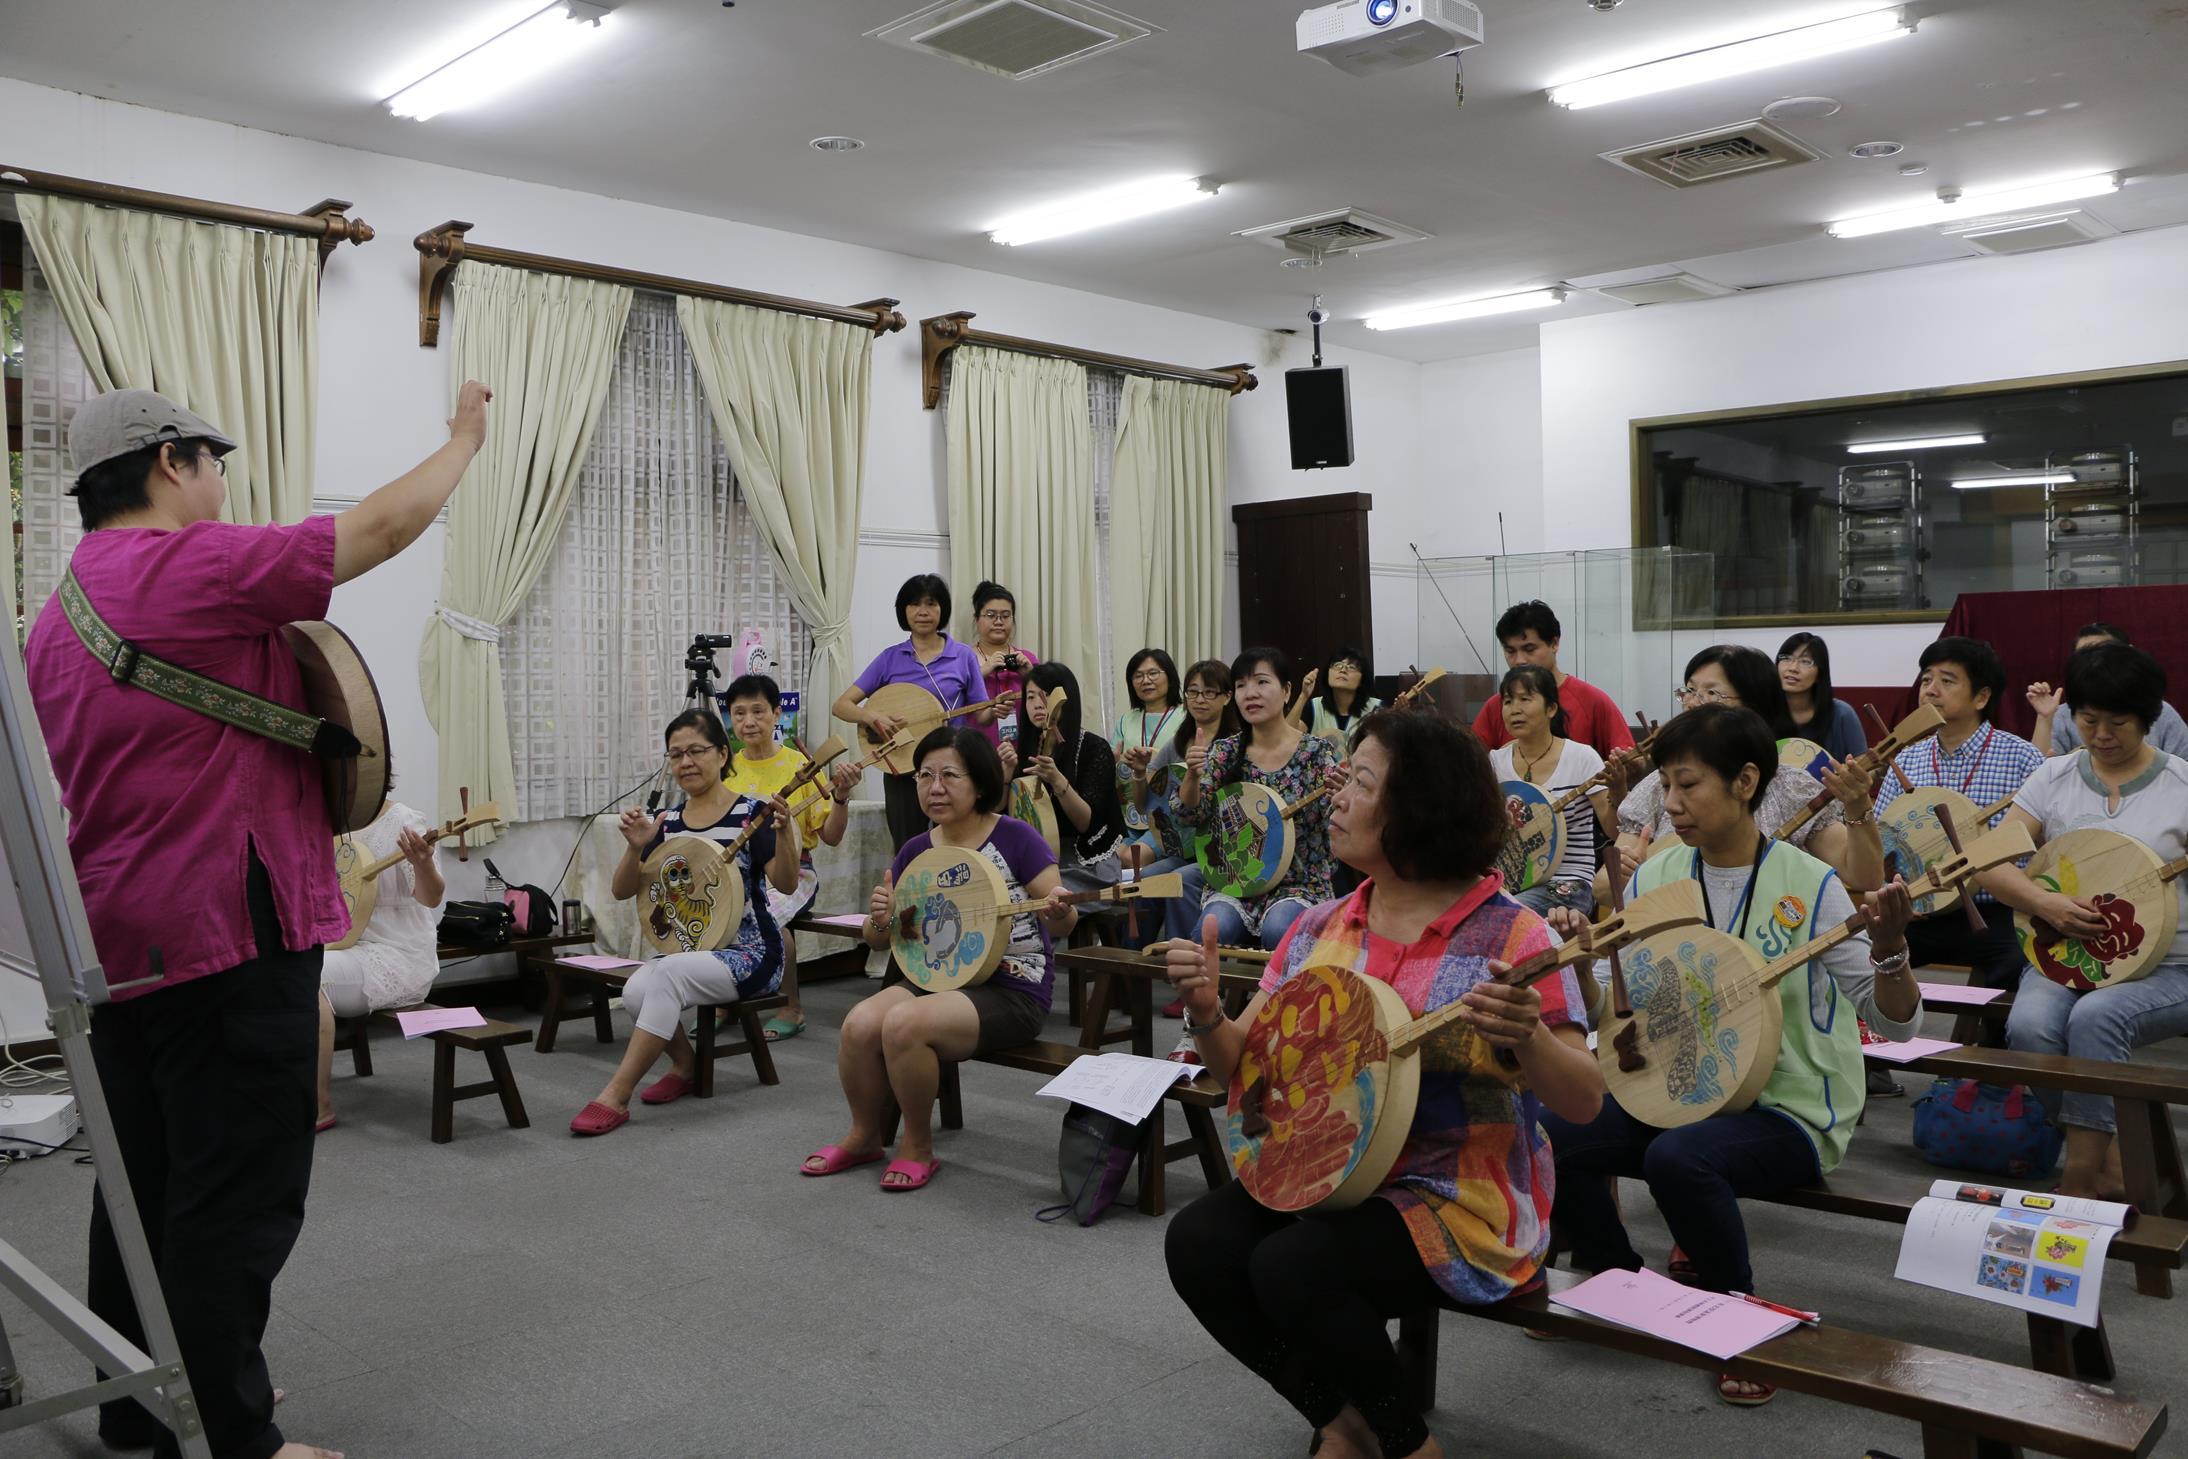 20160828_志工月琴祭體驗課01